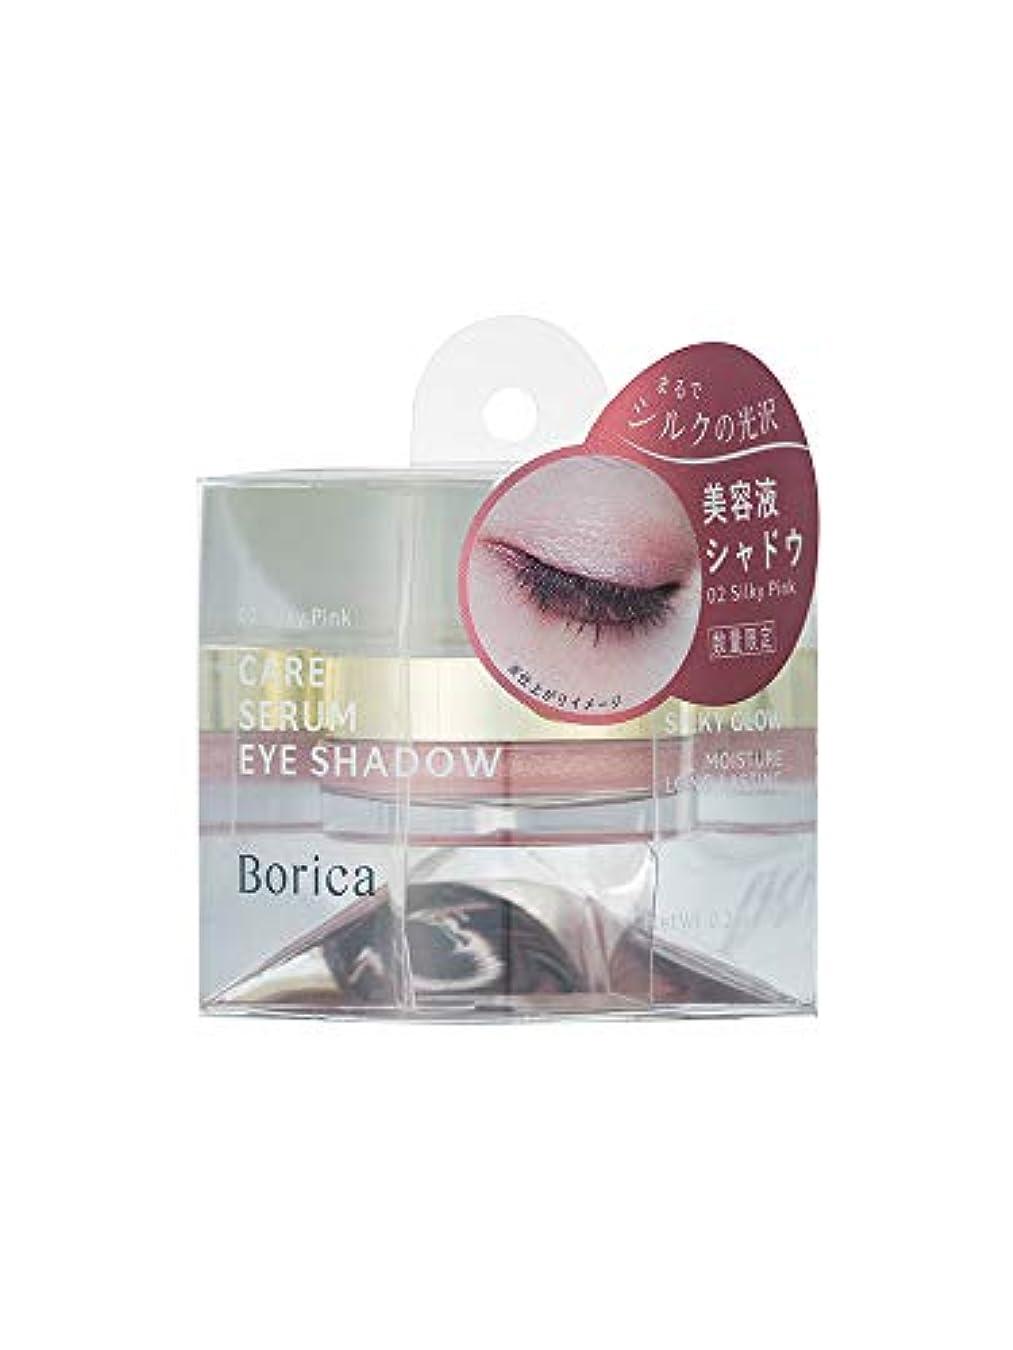 ごちそう出身地モールBorica 美容液ケアアイシャドウ<シルキーグロウ02(02 Silky Pink)>